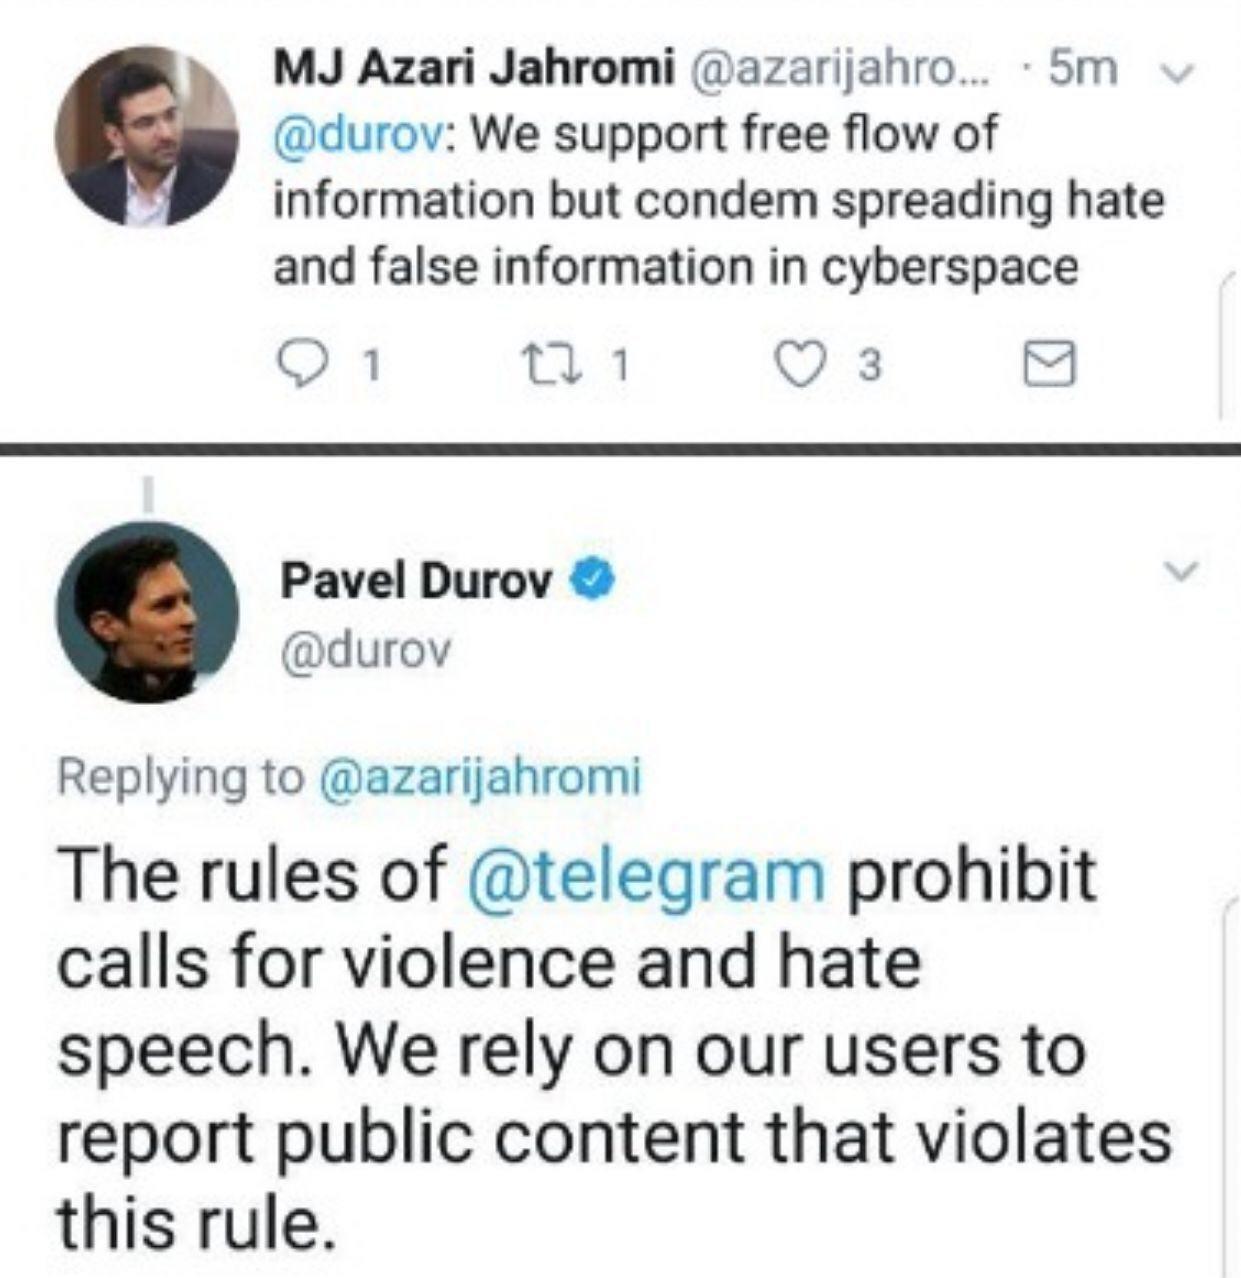 تلاش وزیر ارتباطات برای مقابله با دروغ پراکنی در تلگرام از طریق ظرفیت های این پیام رسان